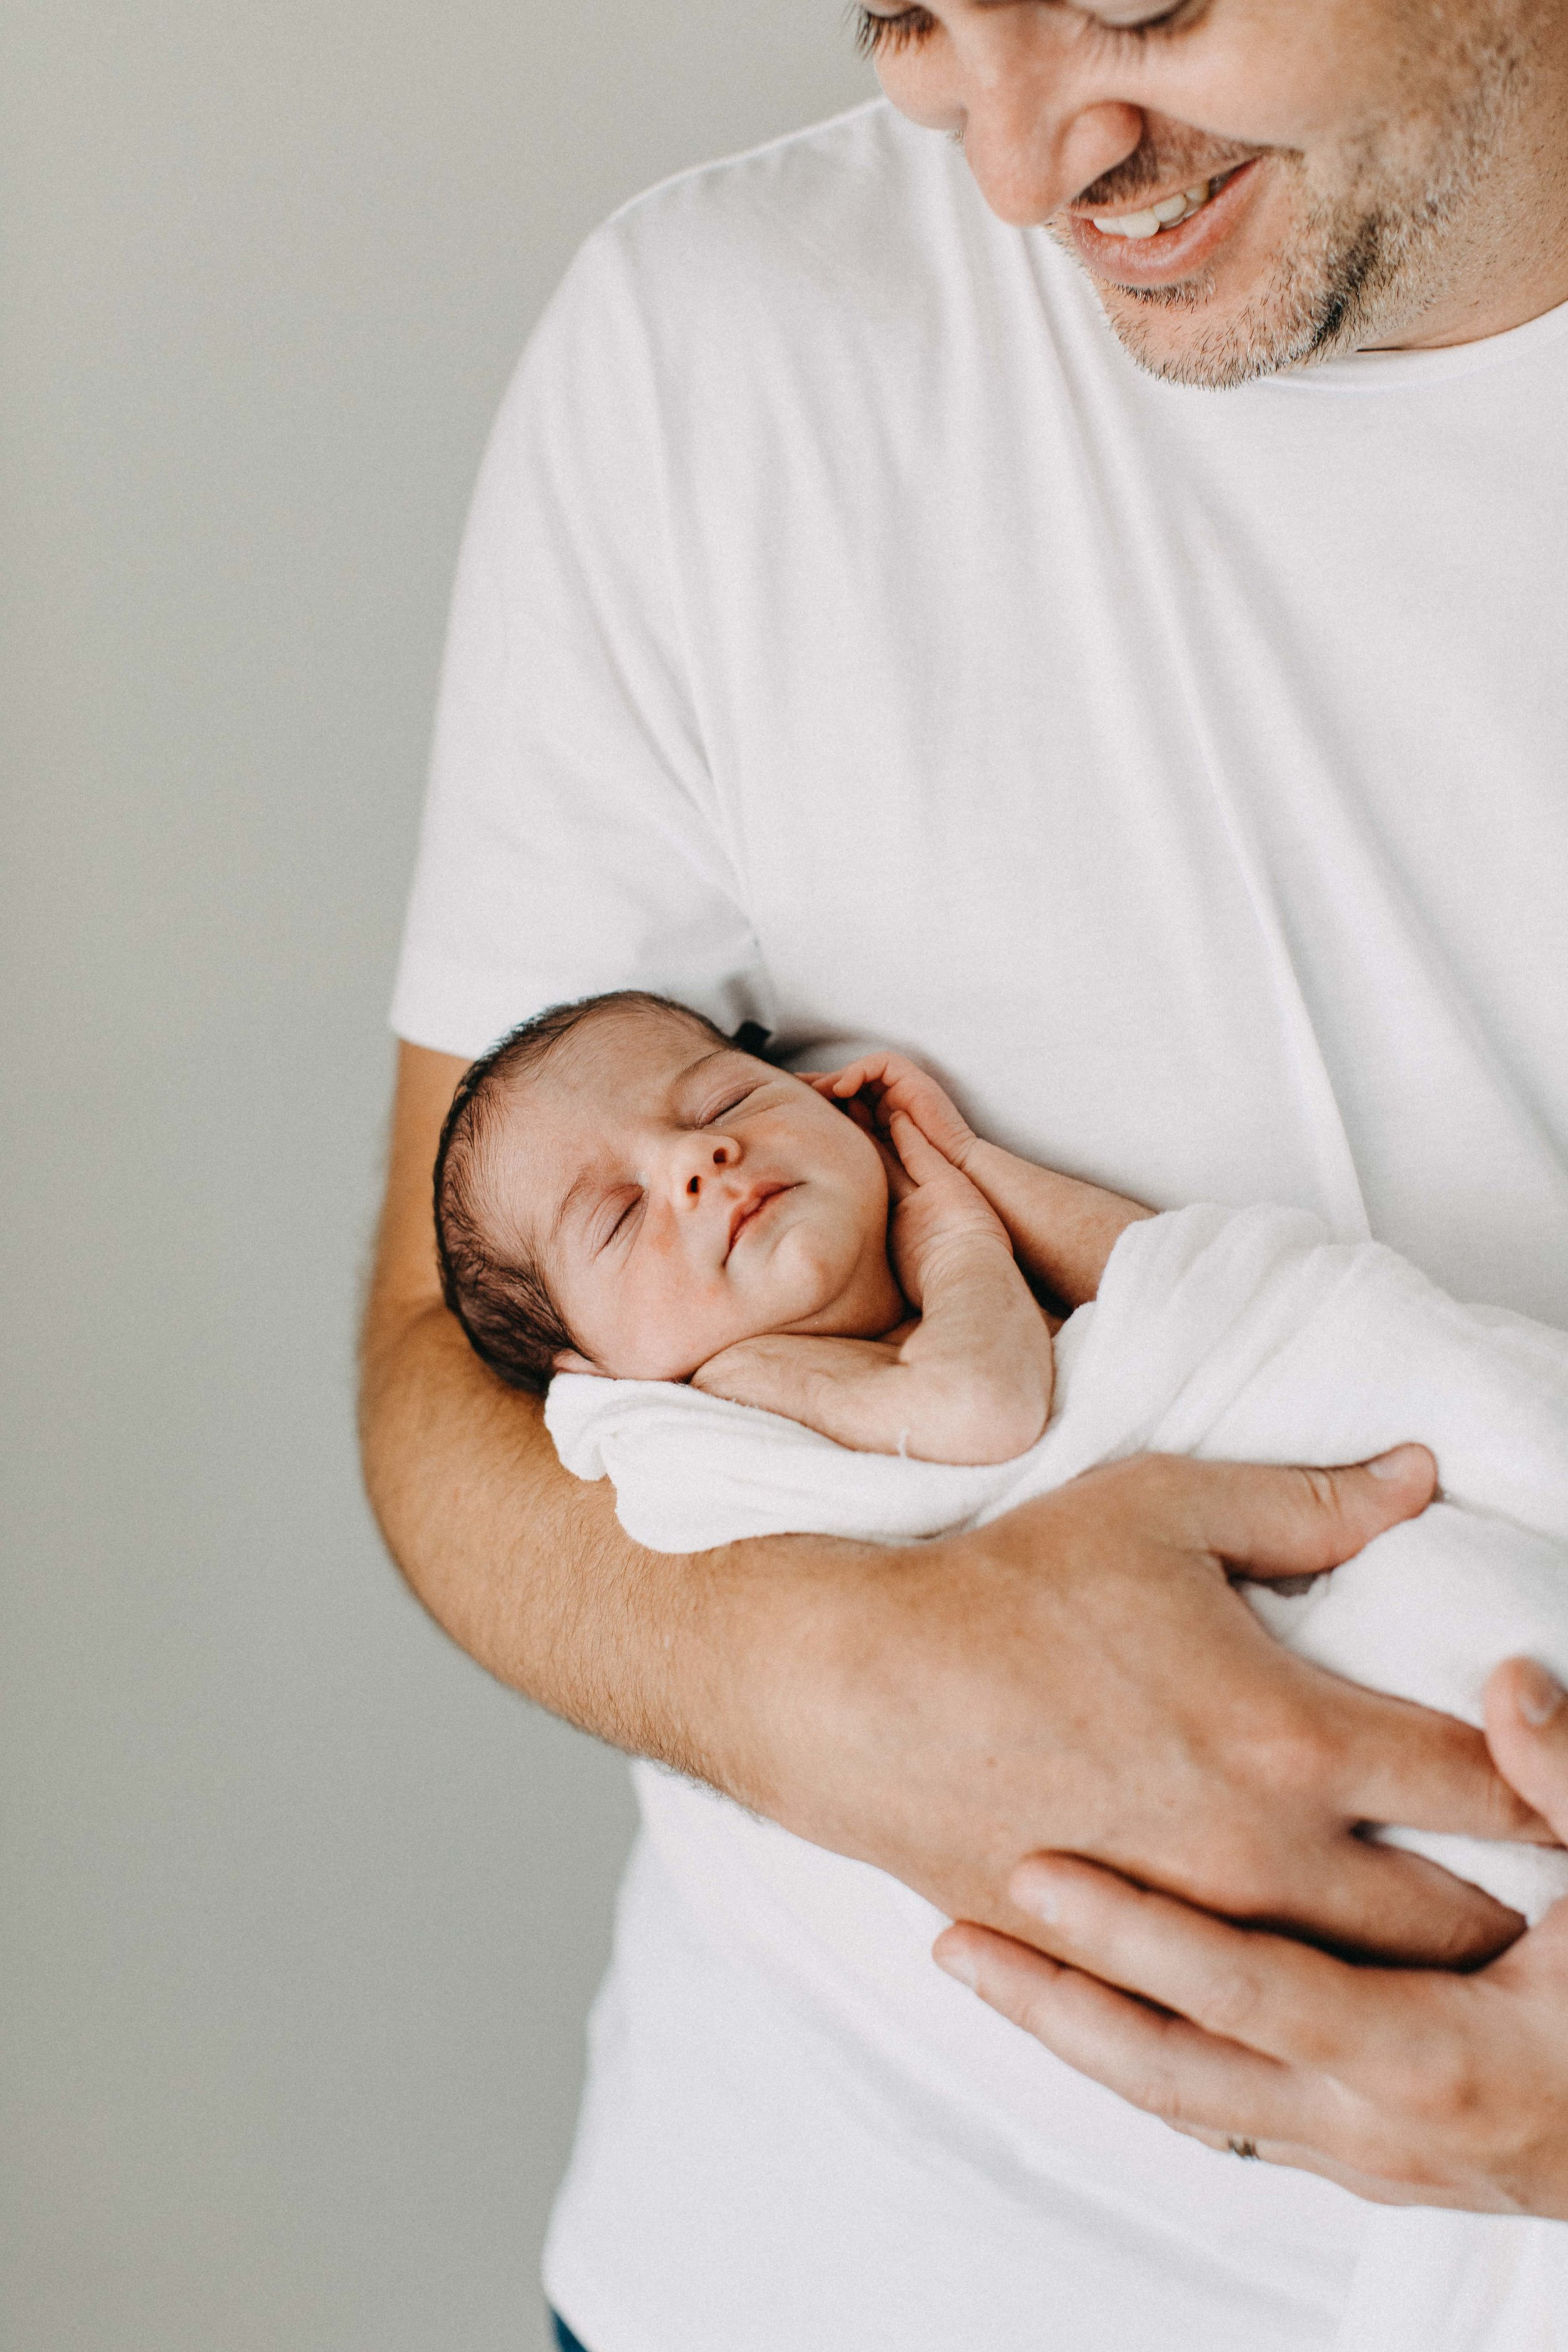 cobbityy-camden-newborn-twin-phootgraphy-violet-brodie-60.jpg